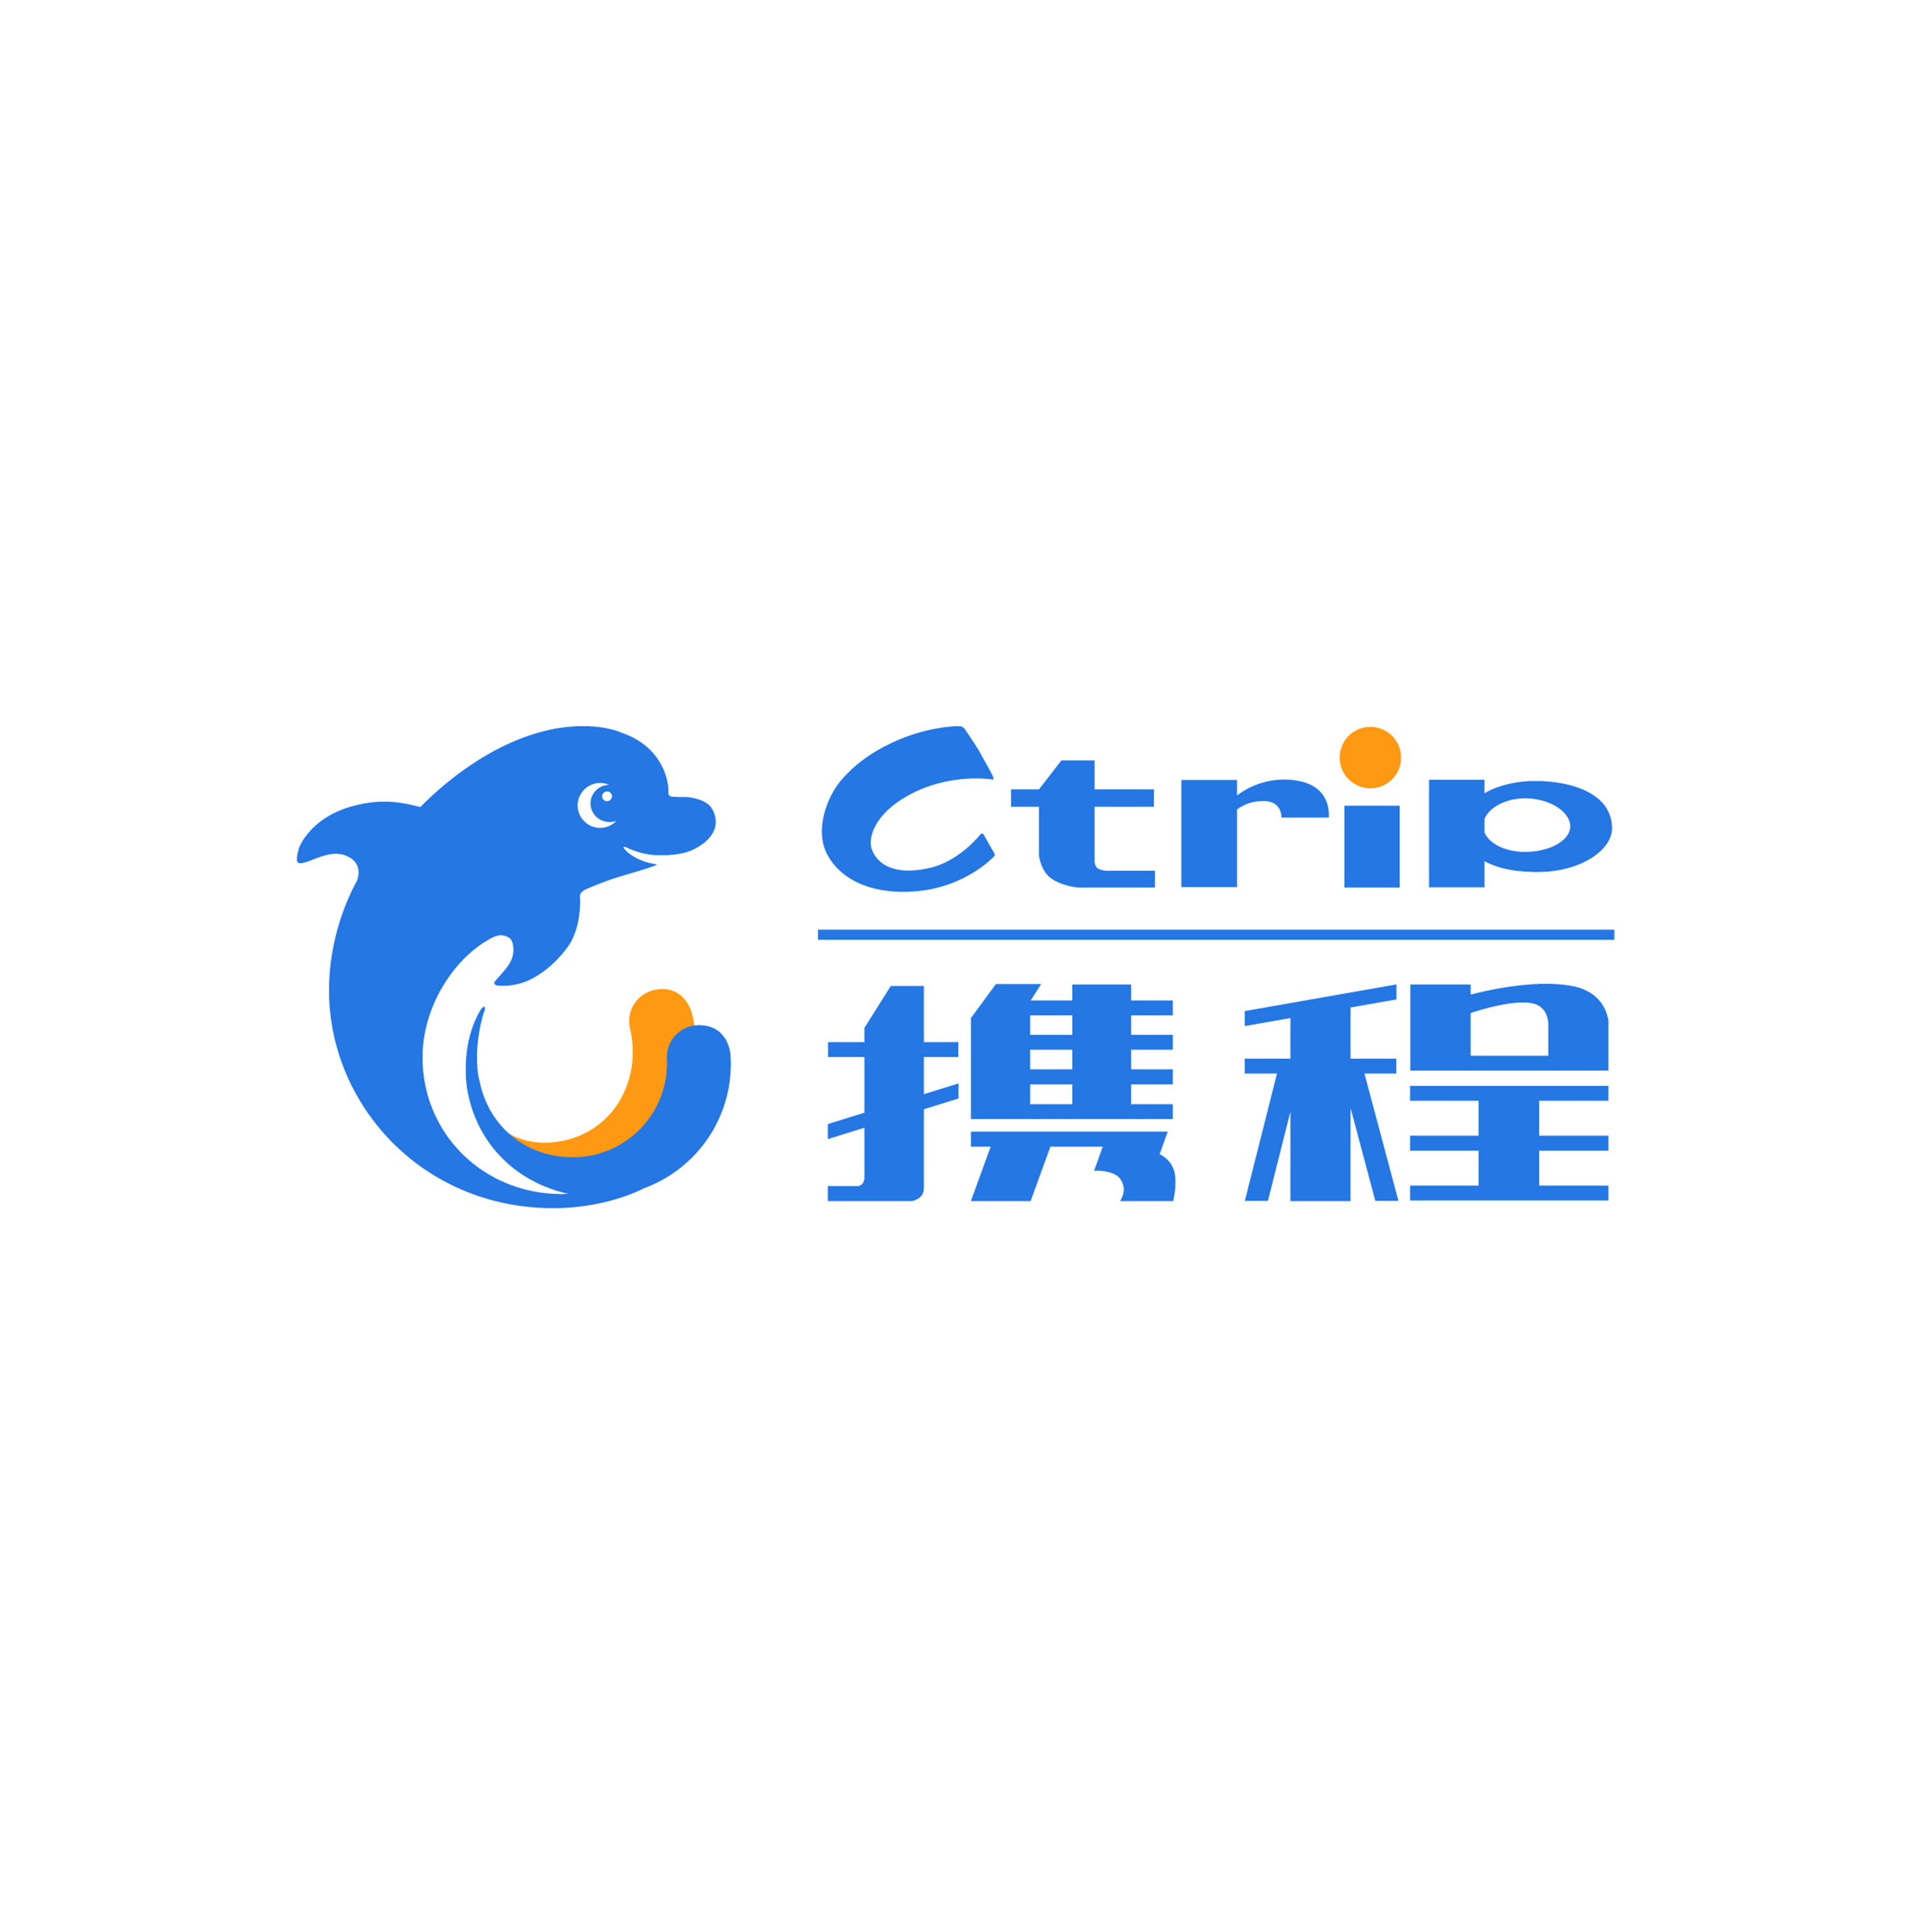 ctrip-logo